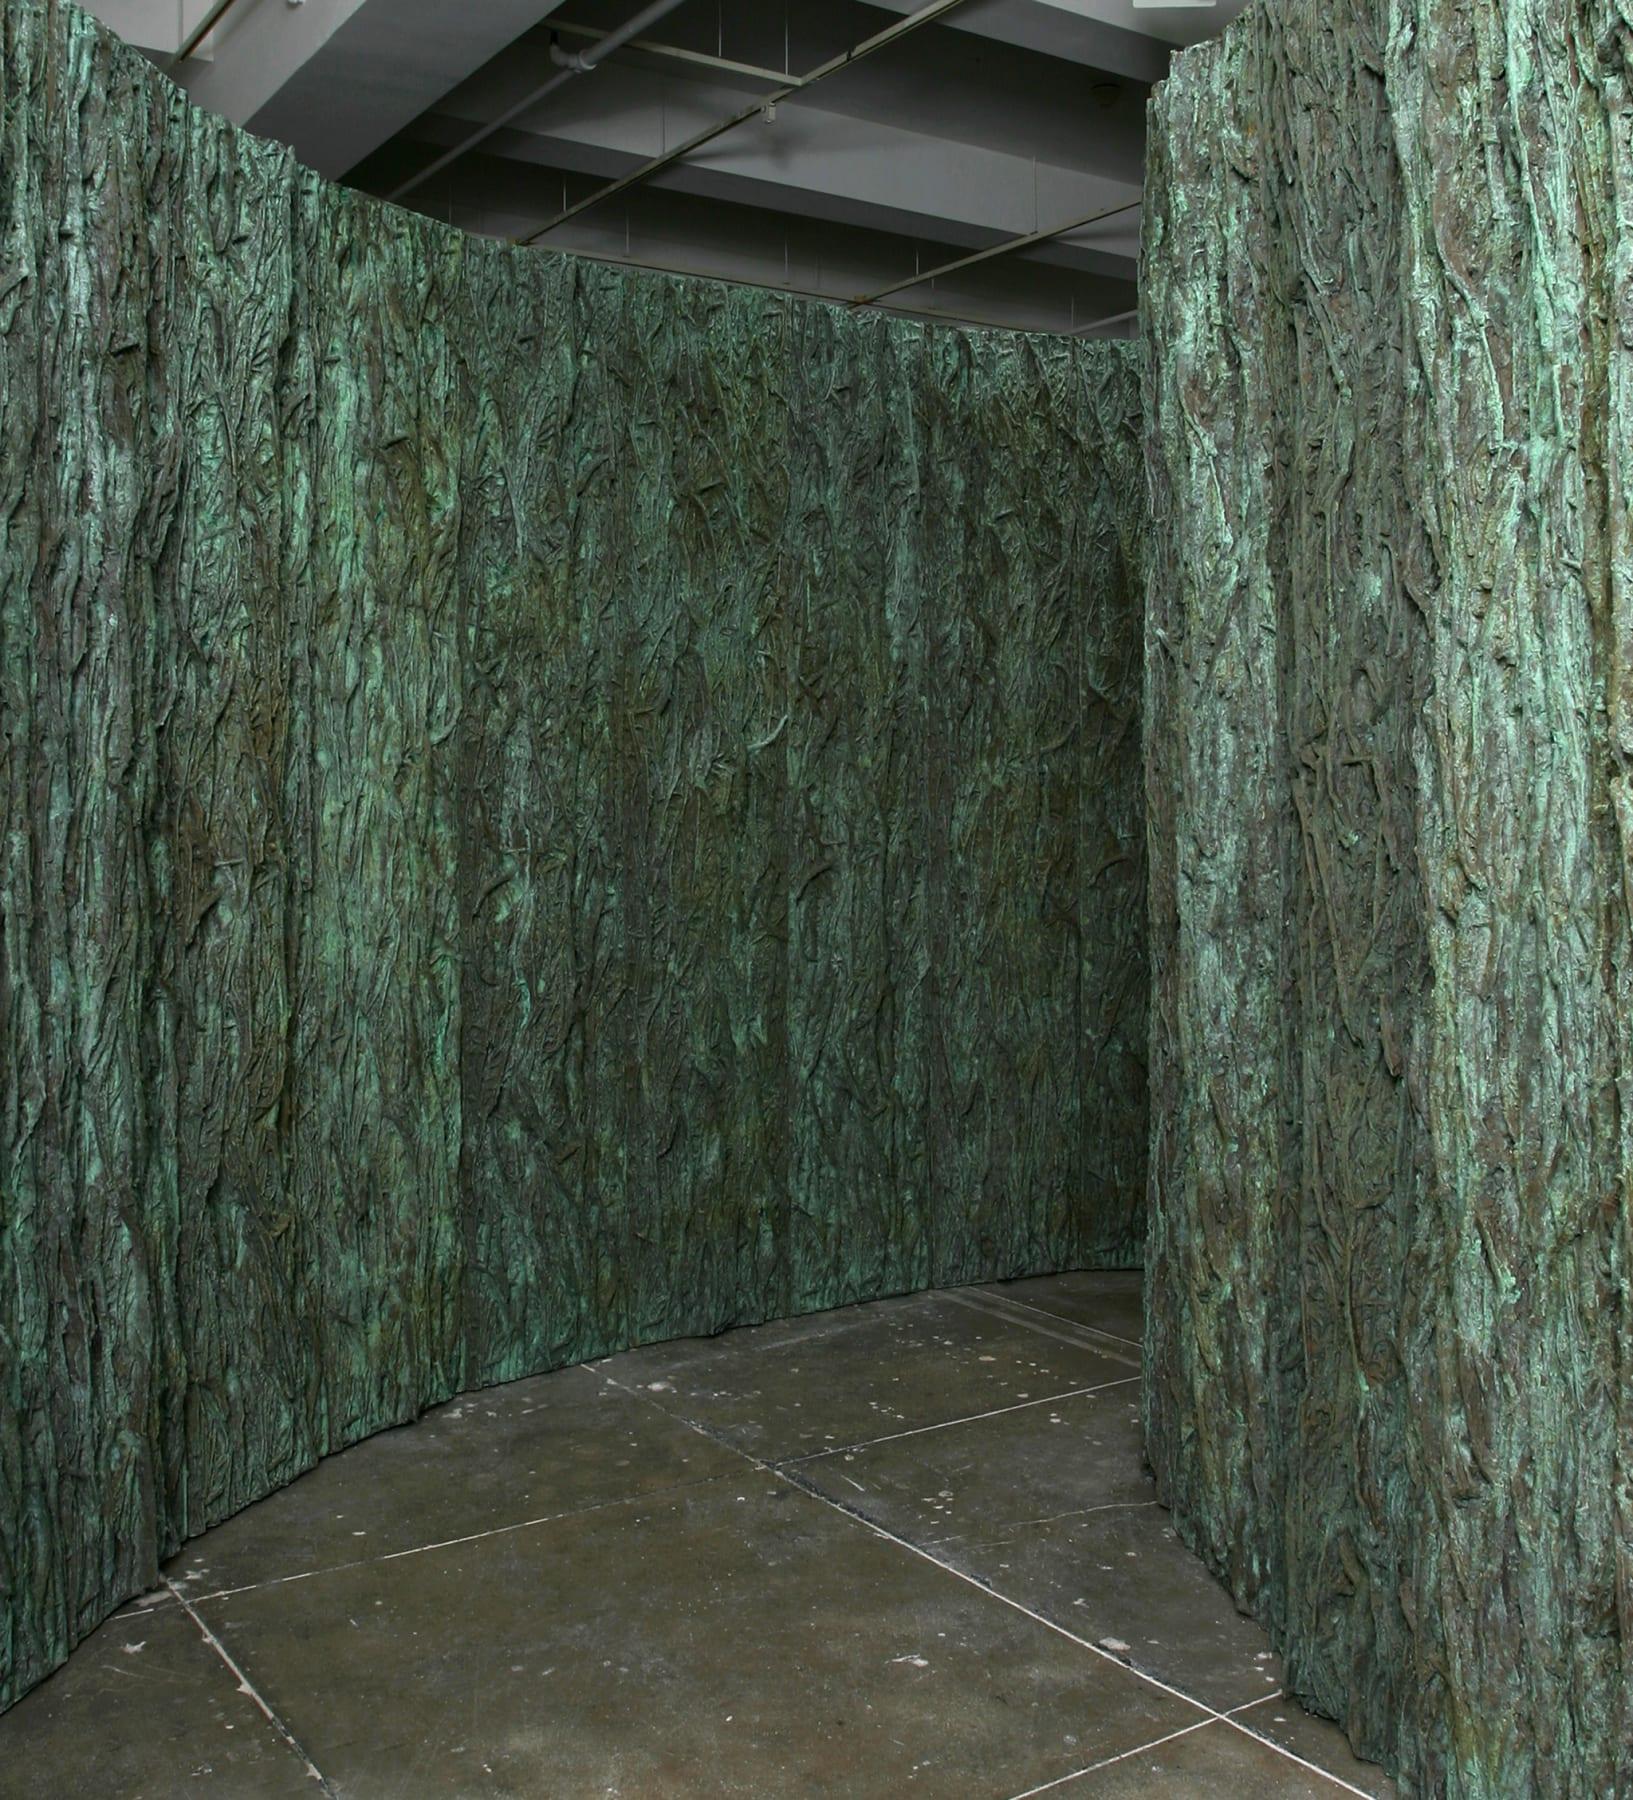 A winding corridor of jade green, bark like walls on a beige floor.